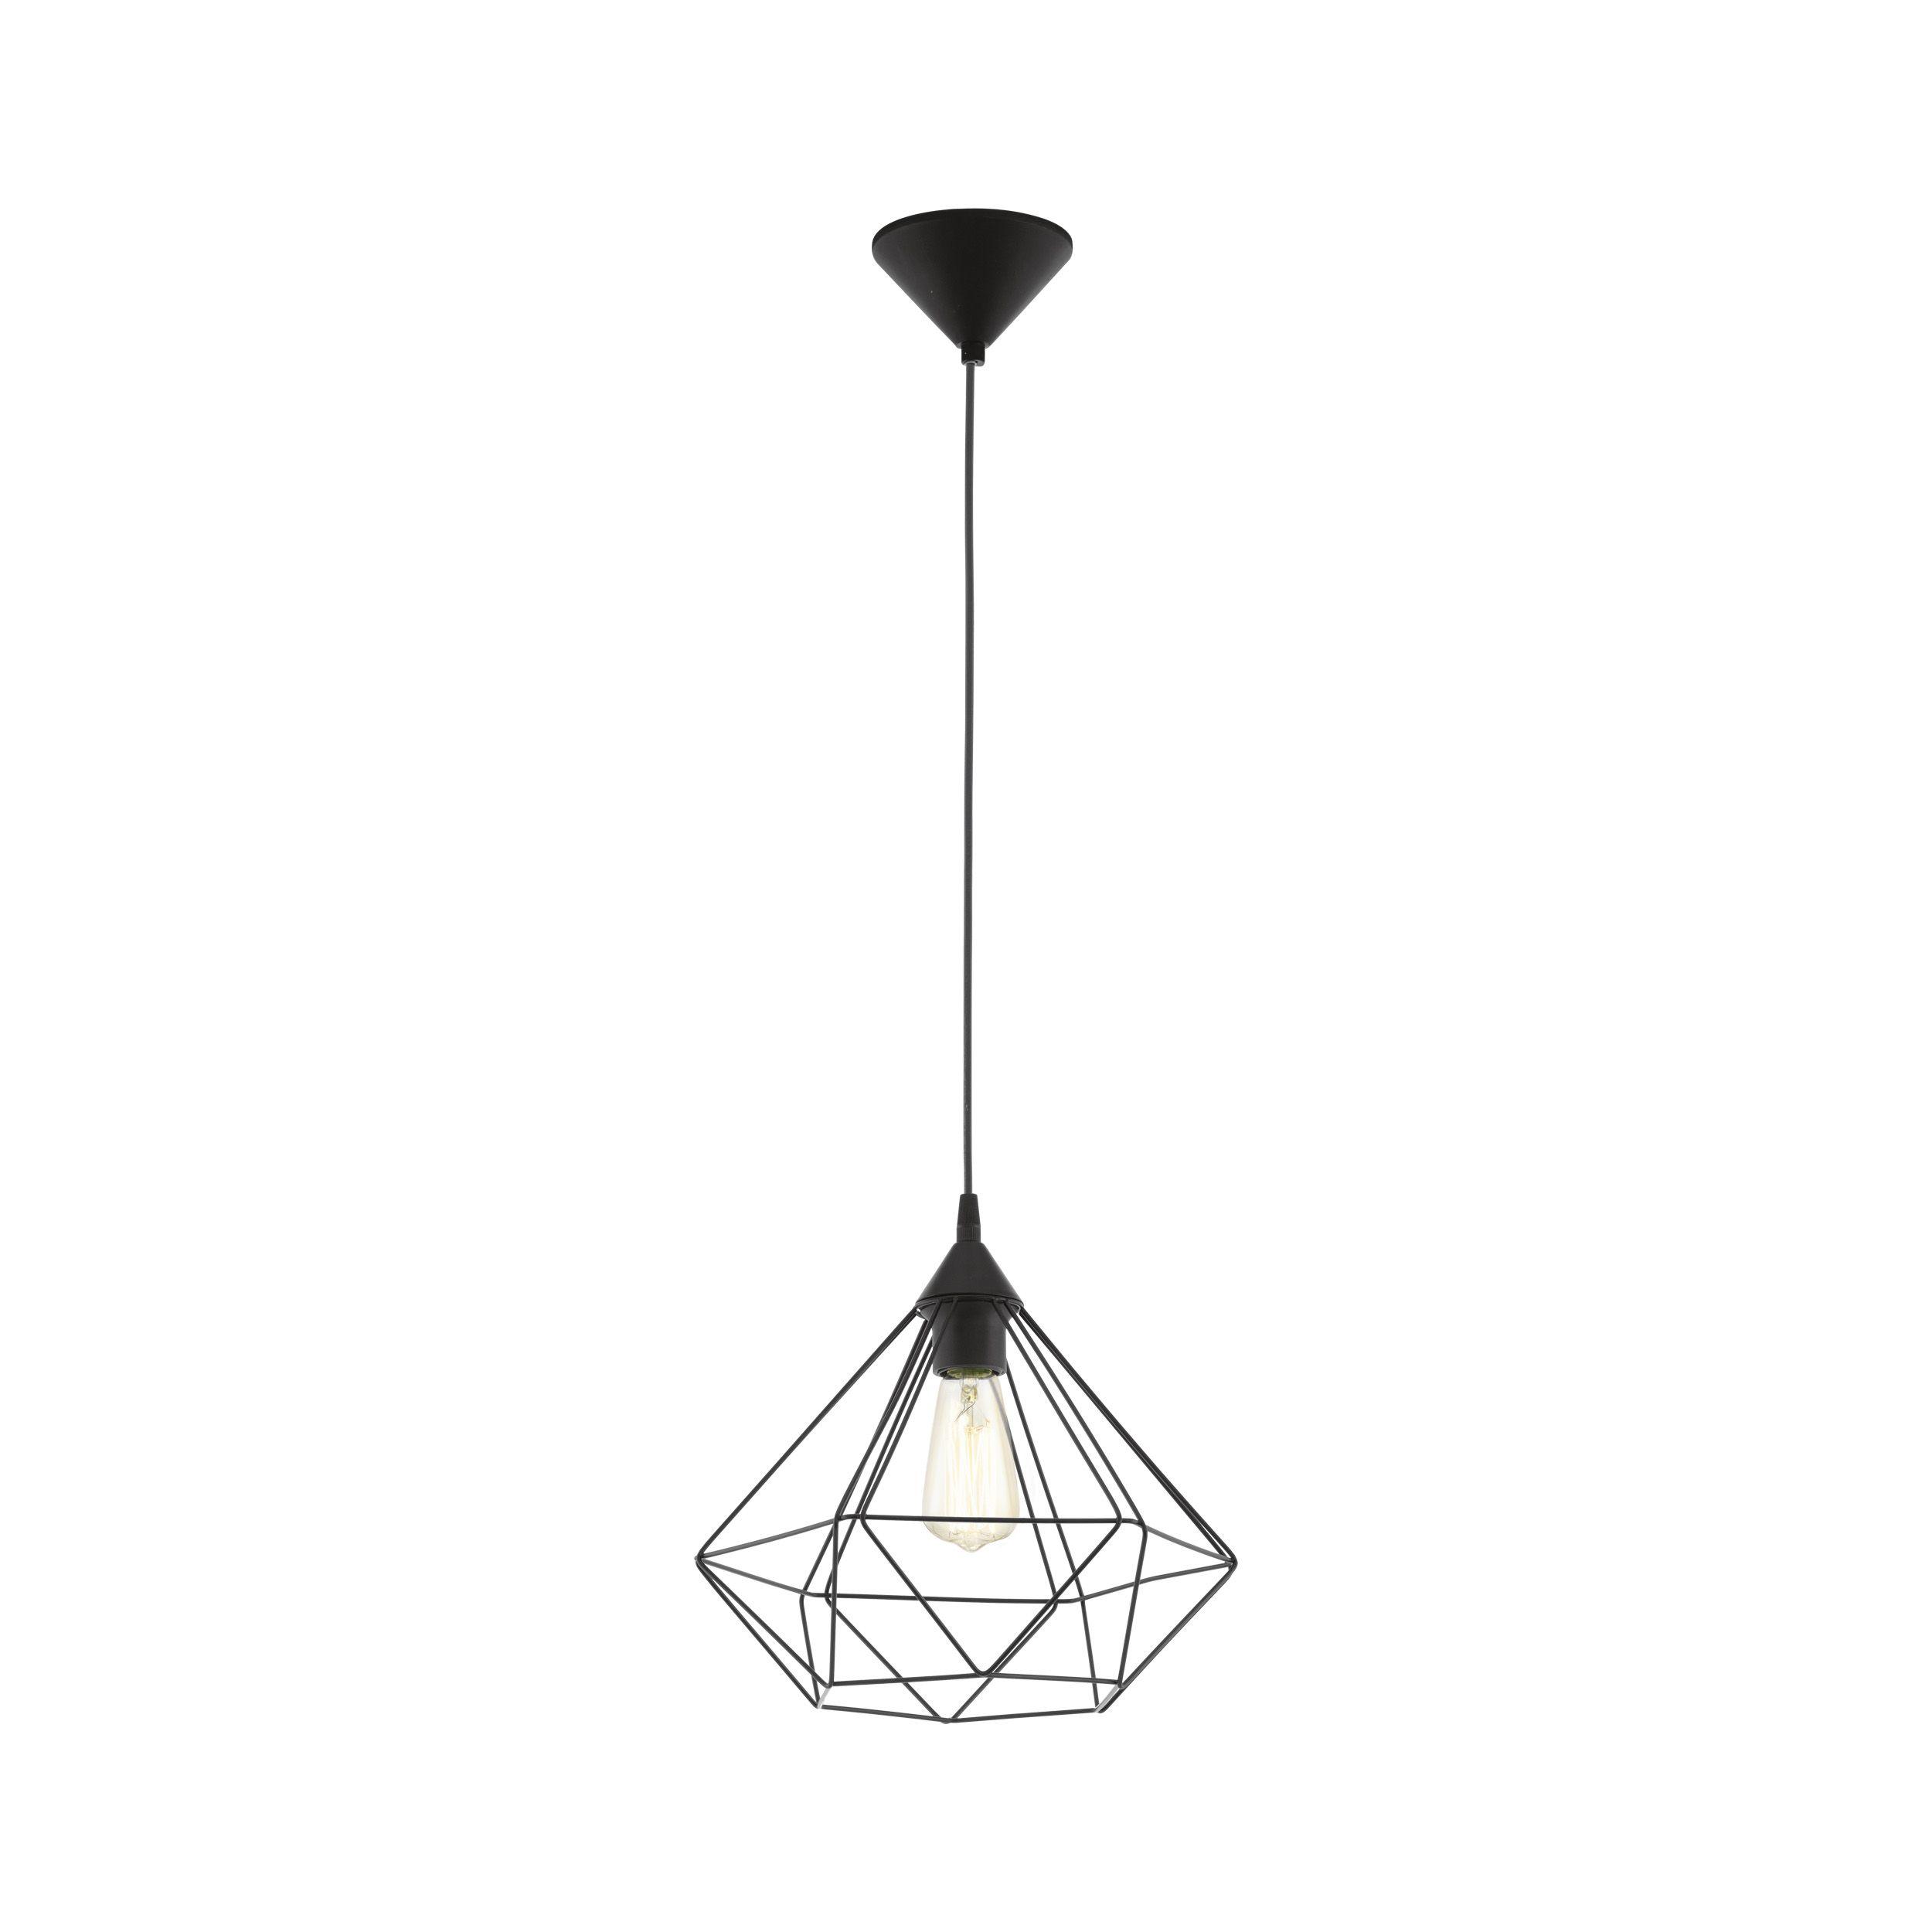 EGLO TARBES LAMPADA A SOSPIENSIONE Image